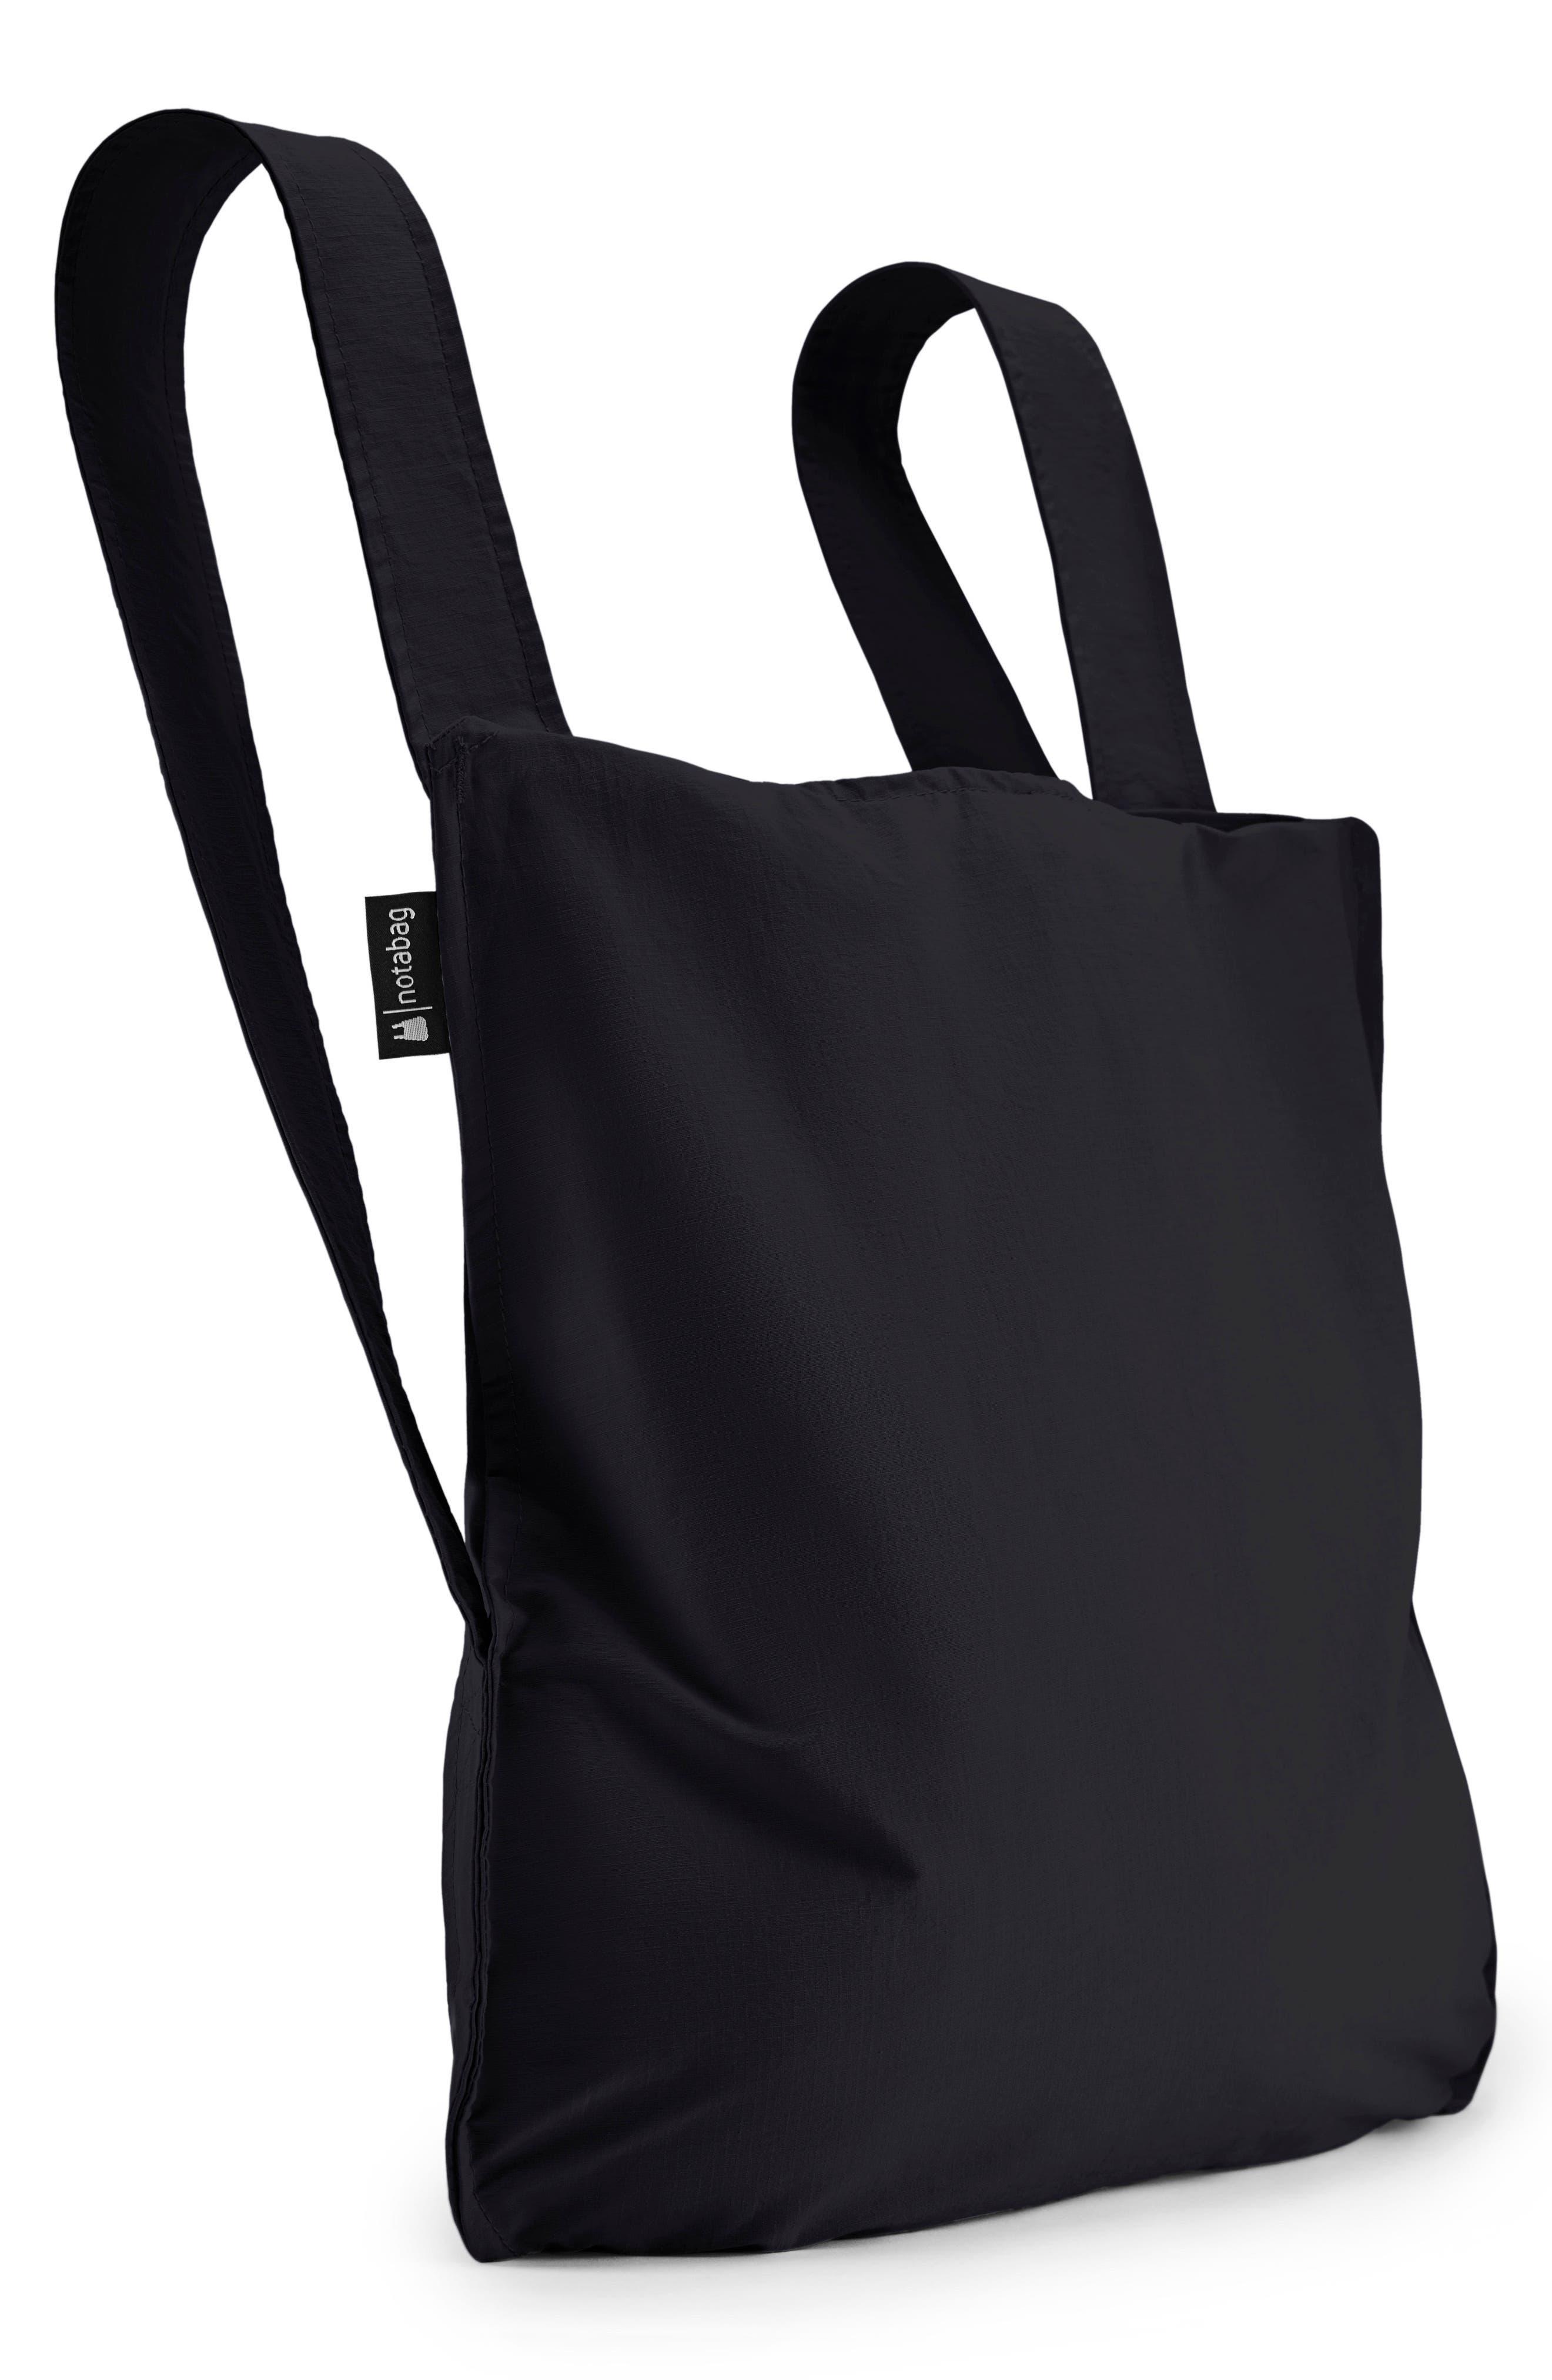 Convertible Tote Backpack,                             Main thumbnail 1, color,                             BLACK